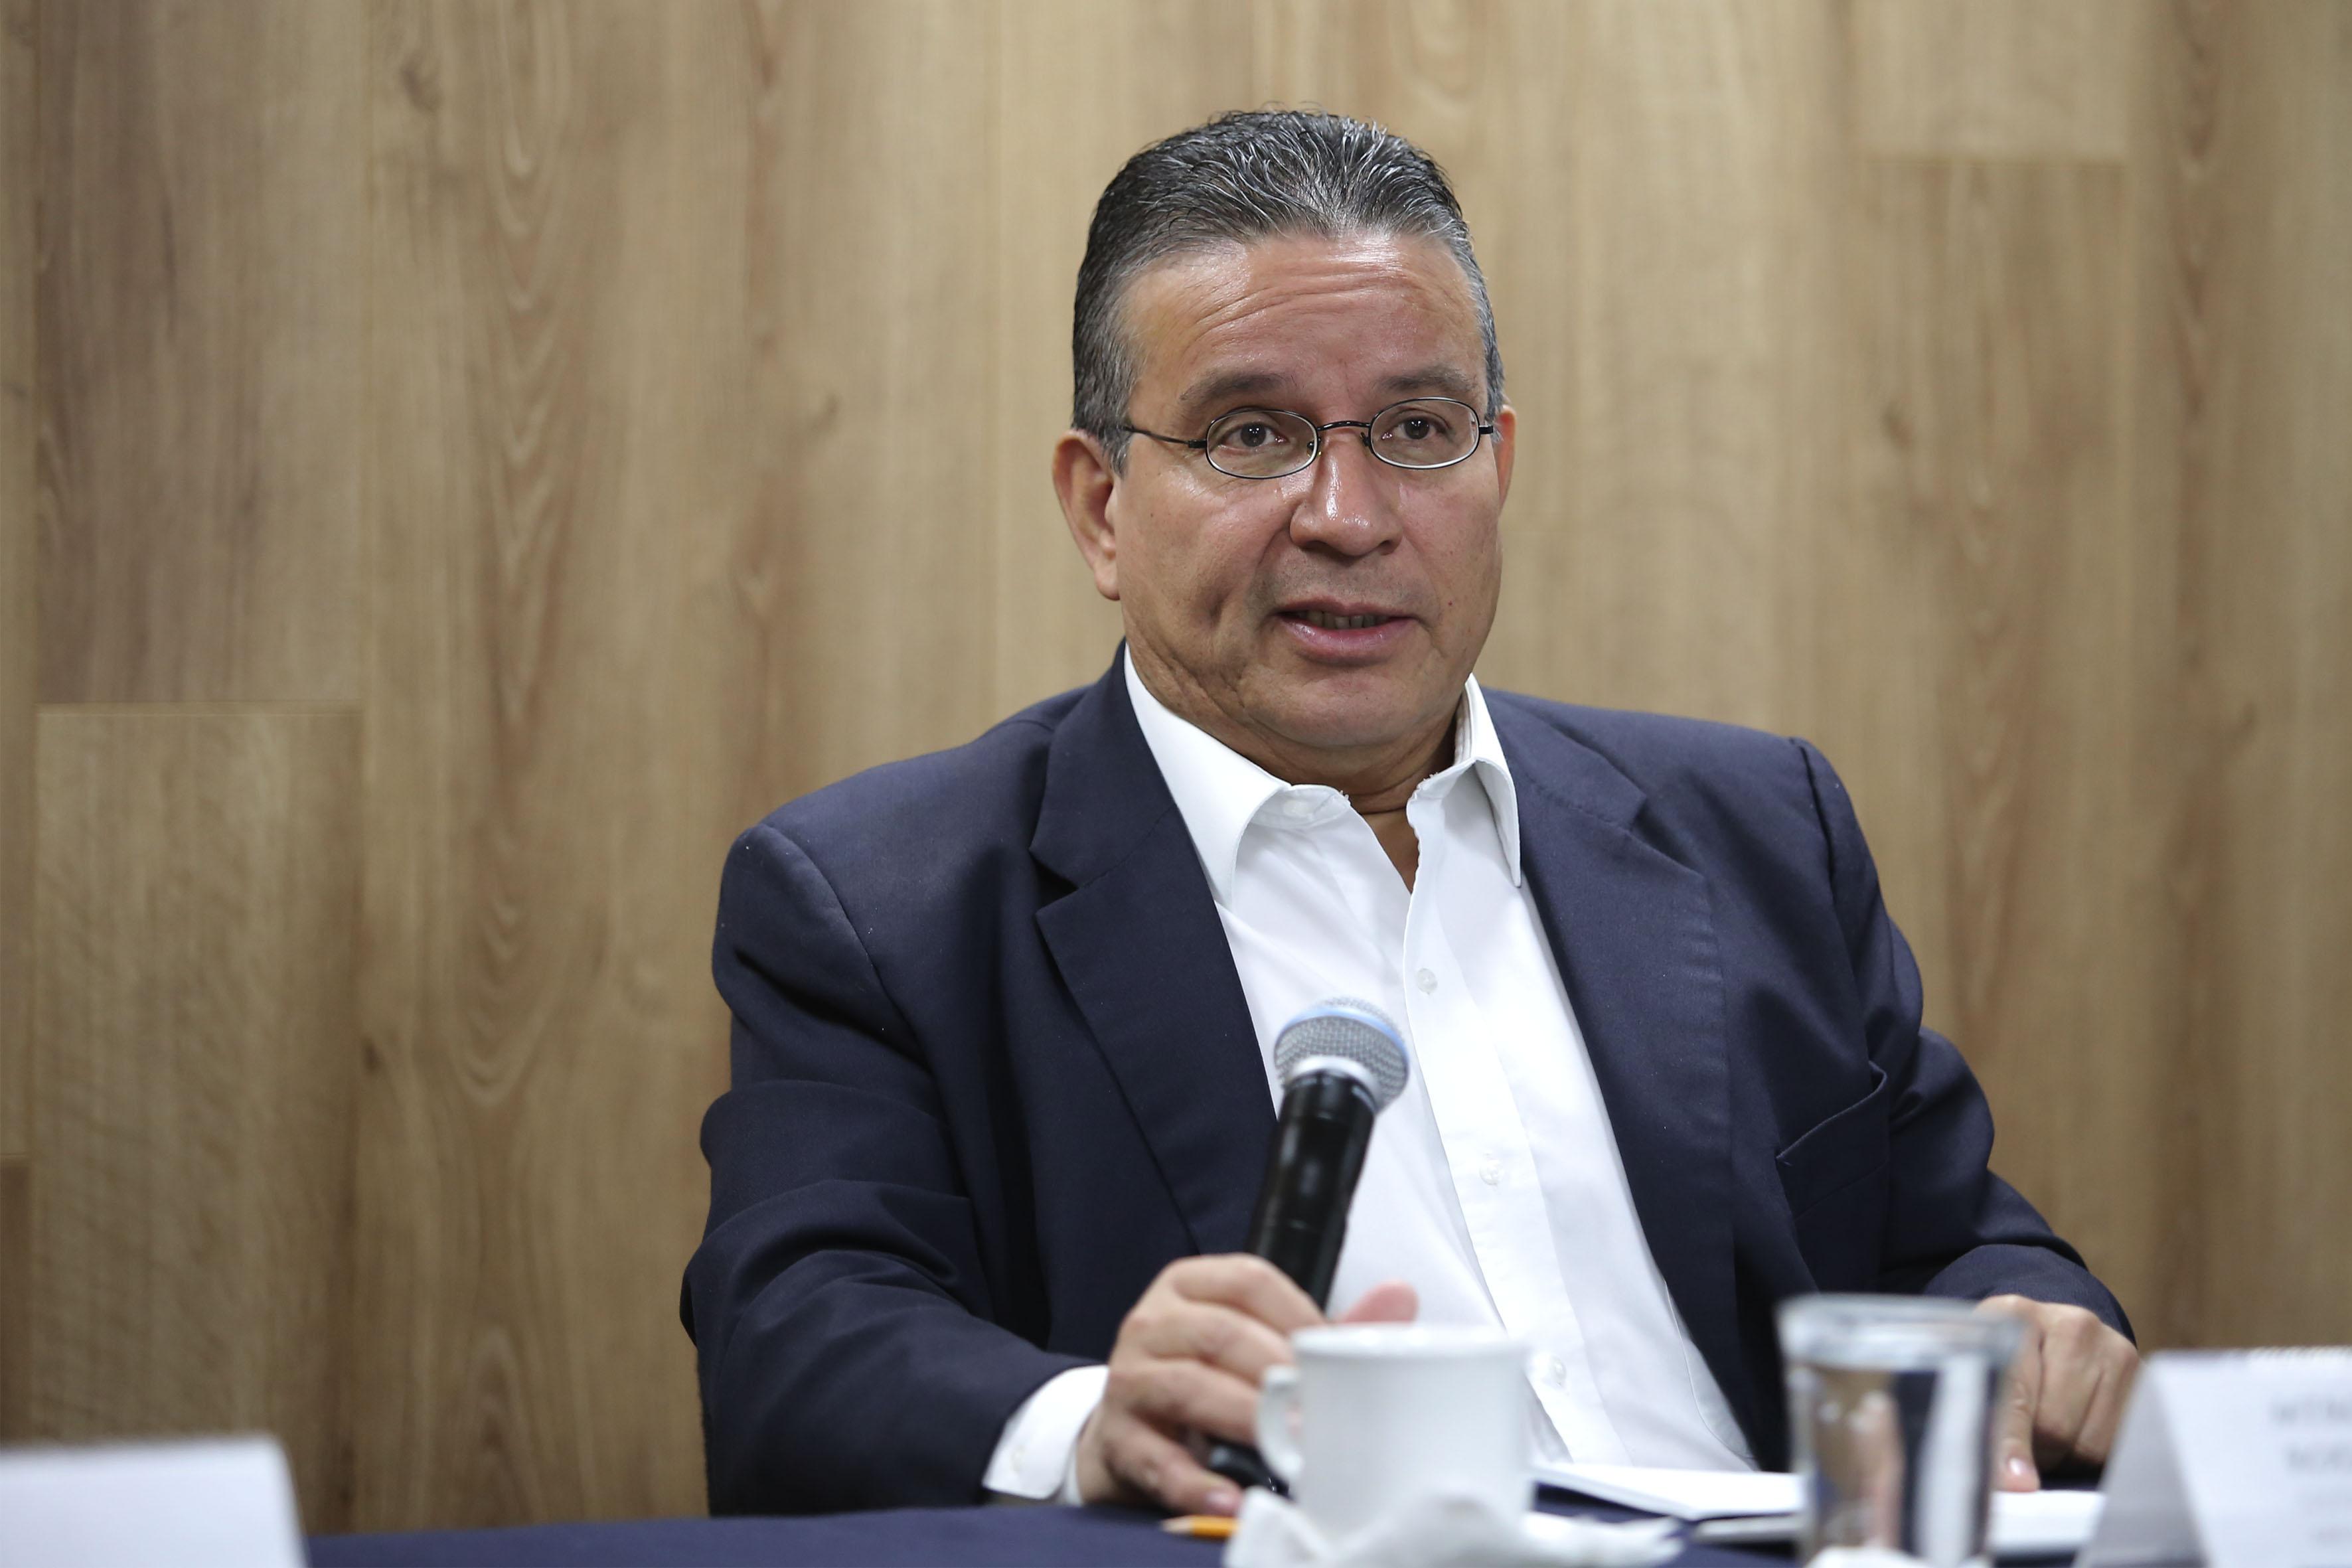 Maestro José de Jesús Gutiérrez Rodríguez, coordinador de Extensión y Vinculación del Departamento de Clínicas de Salud Mental del Centro Universitario de Ciencias de la Salud, con micrófono en mano, haciendo uso de la palabra.